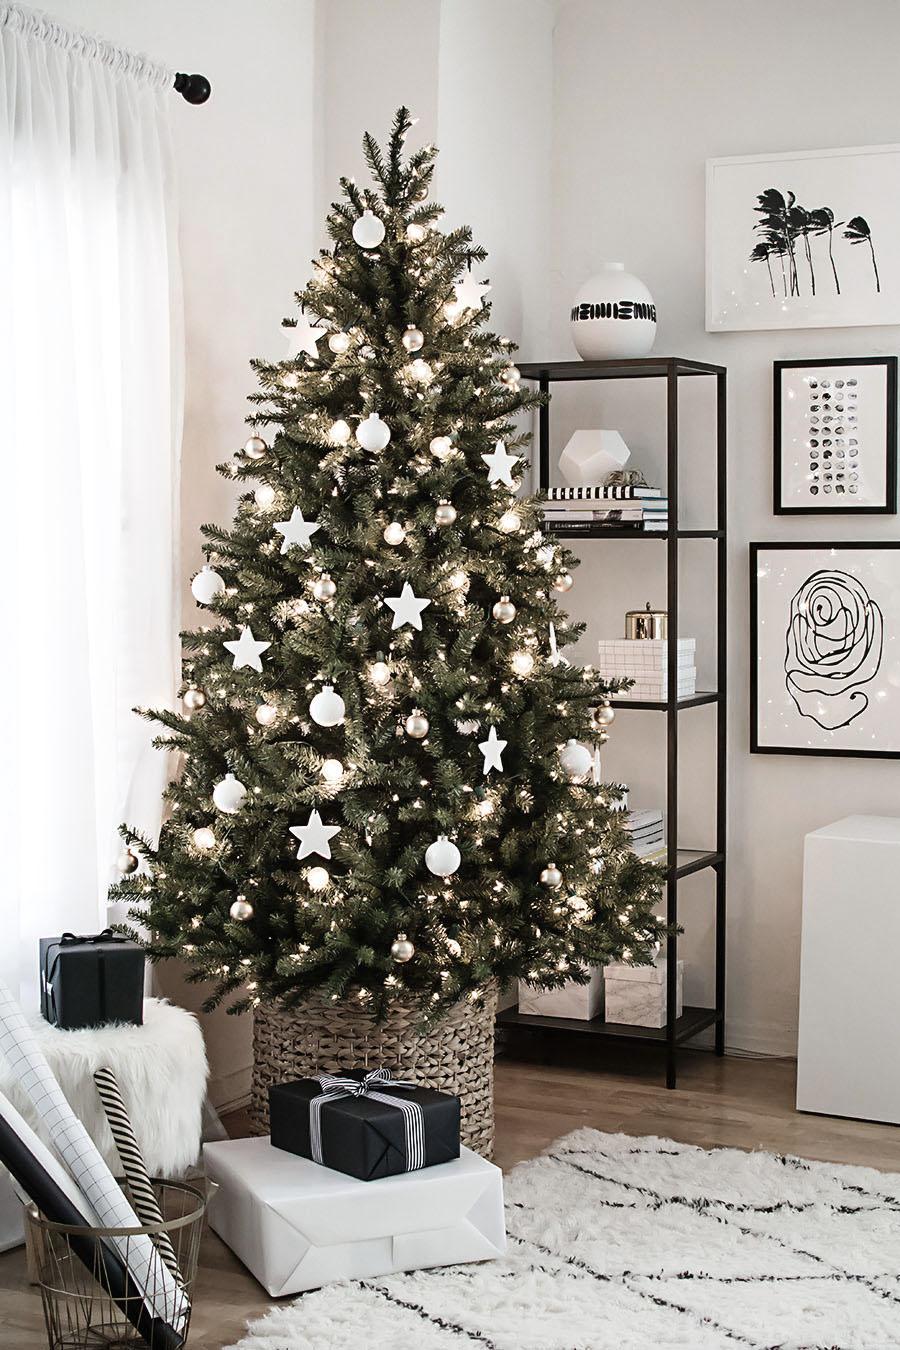 Hoe Style Jij Jouw Kerstboom Dit Jaar Alles Om Van Je Huis Je